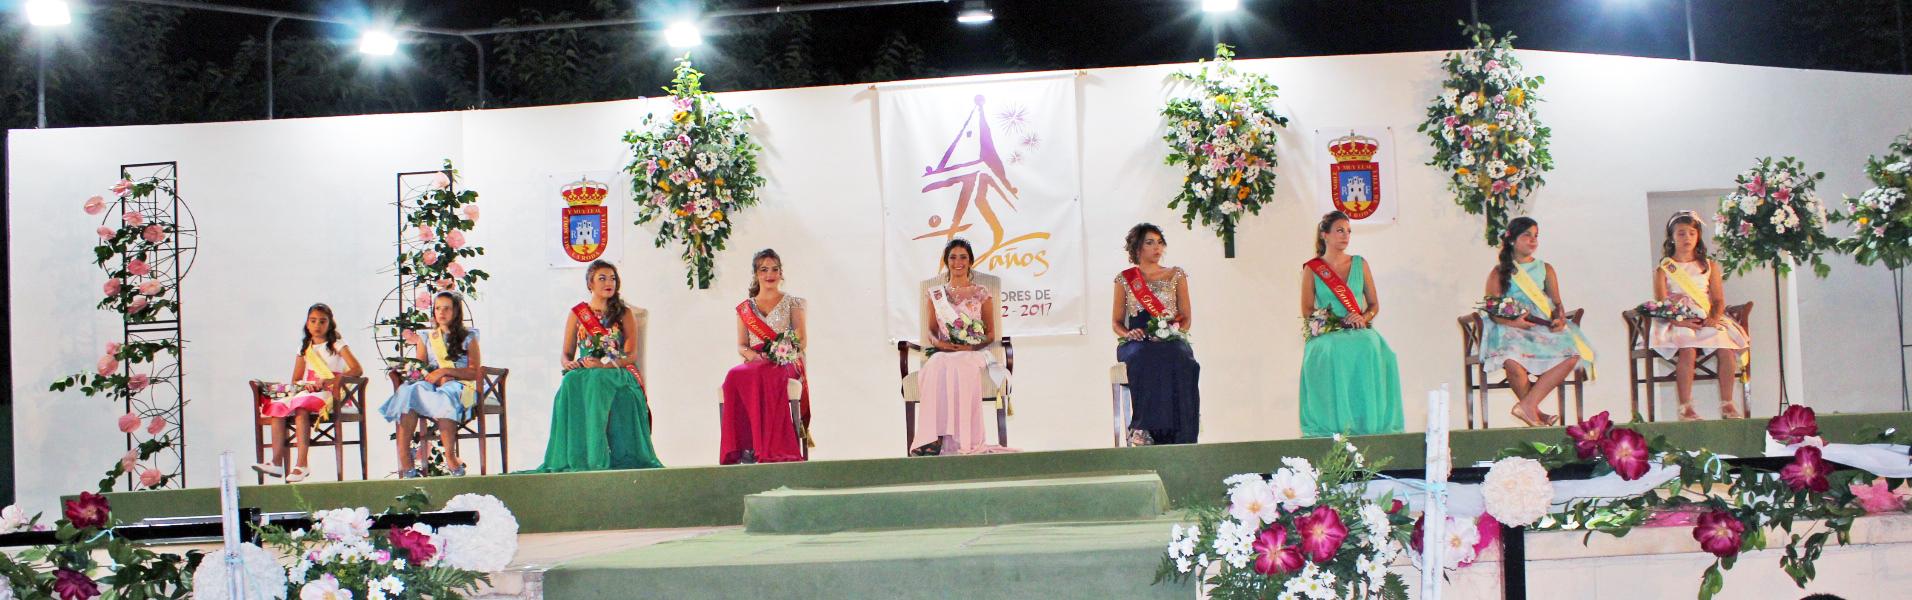 Marifé Carrilero Fue Coronada Reina De Las Fiestas Mayores De La Roda